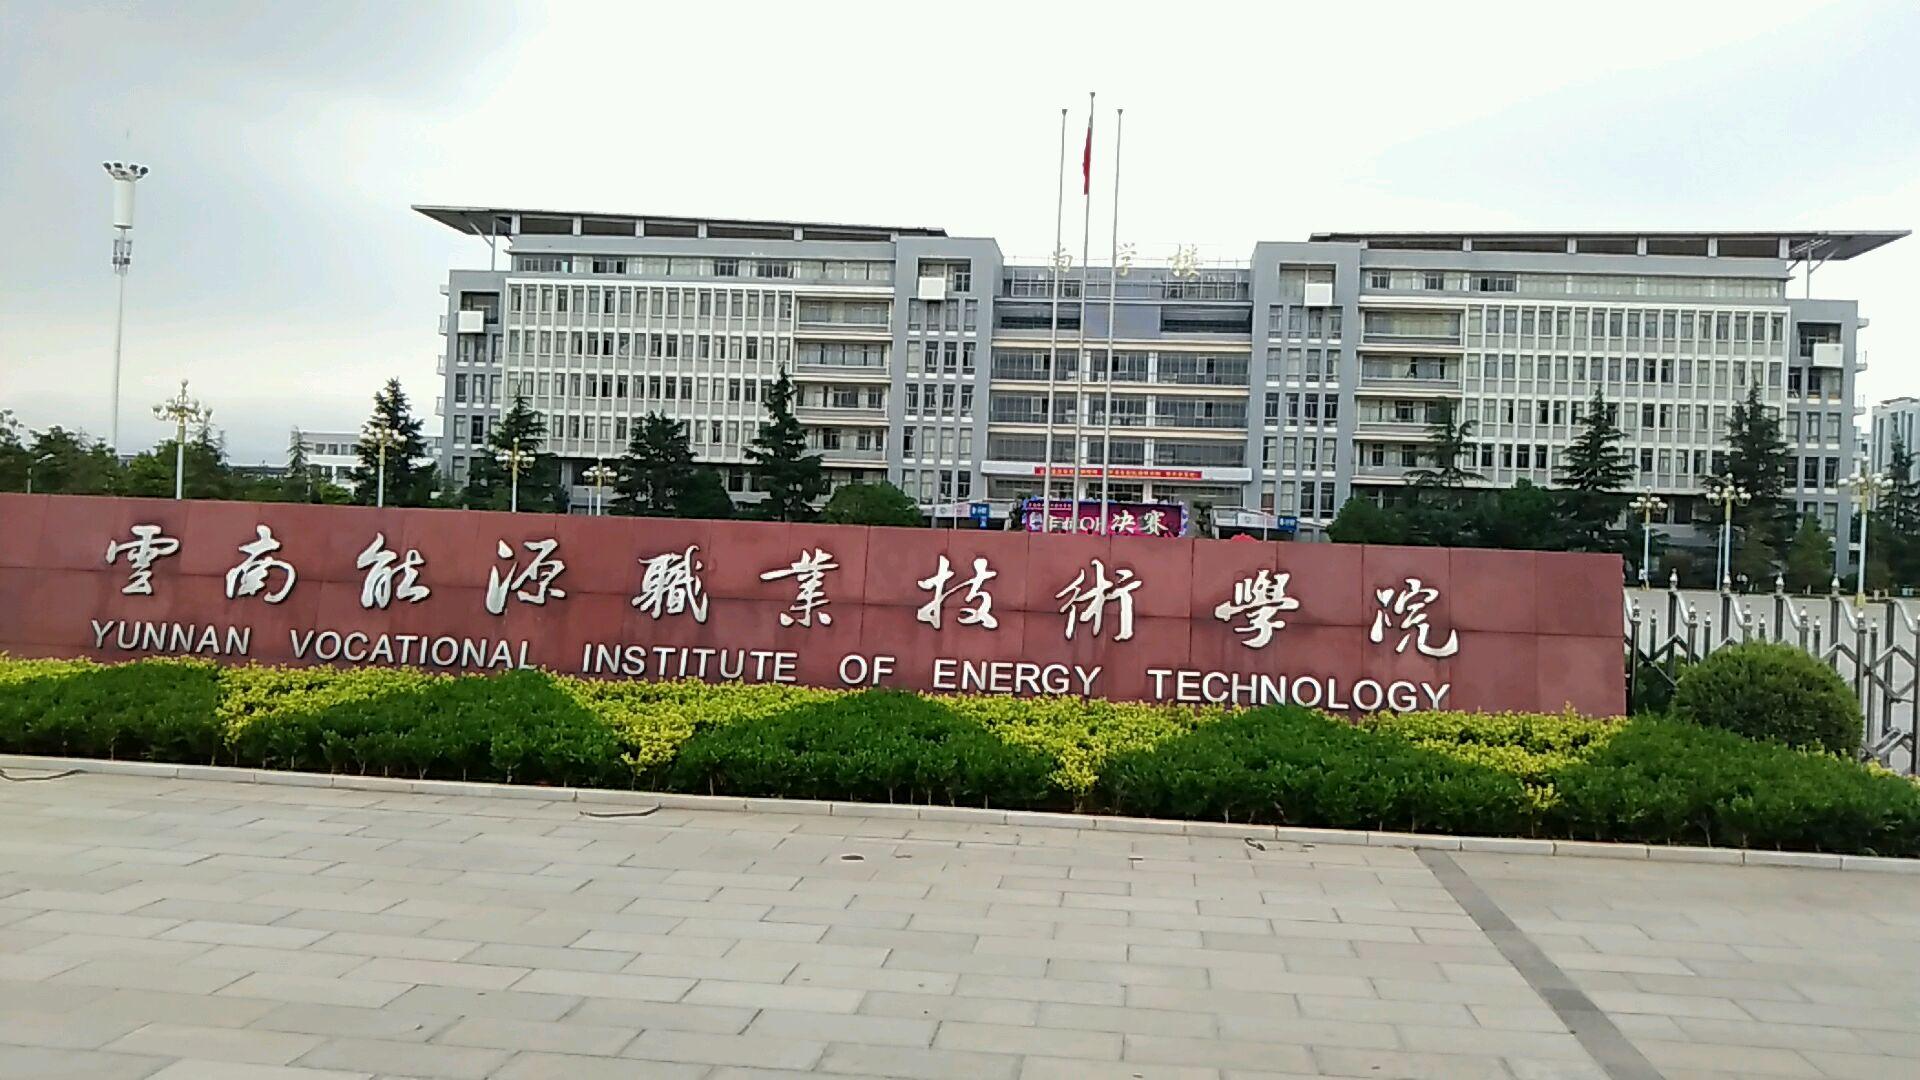 曲靖市能源技术学院